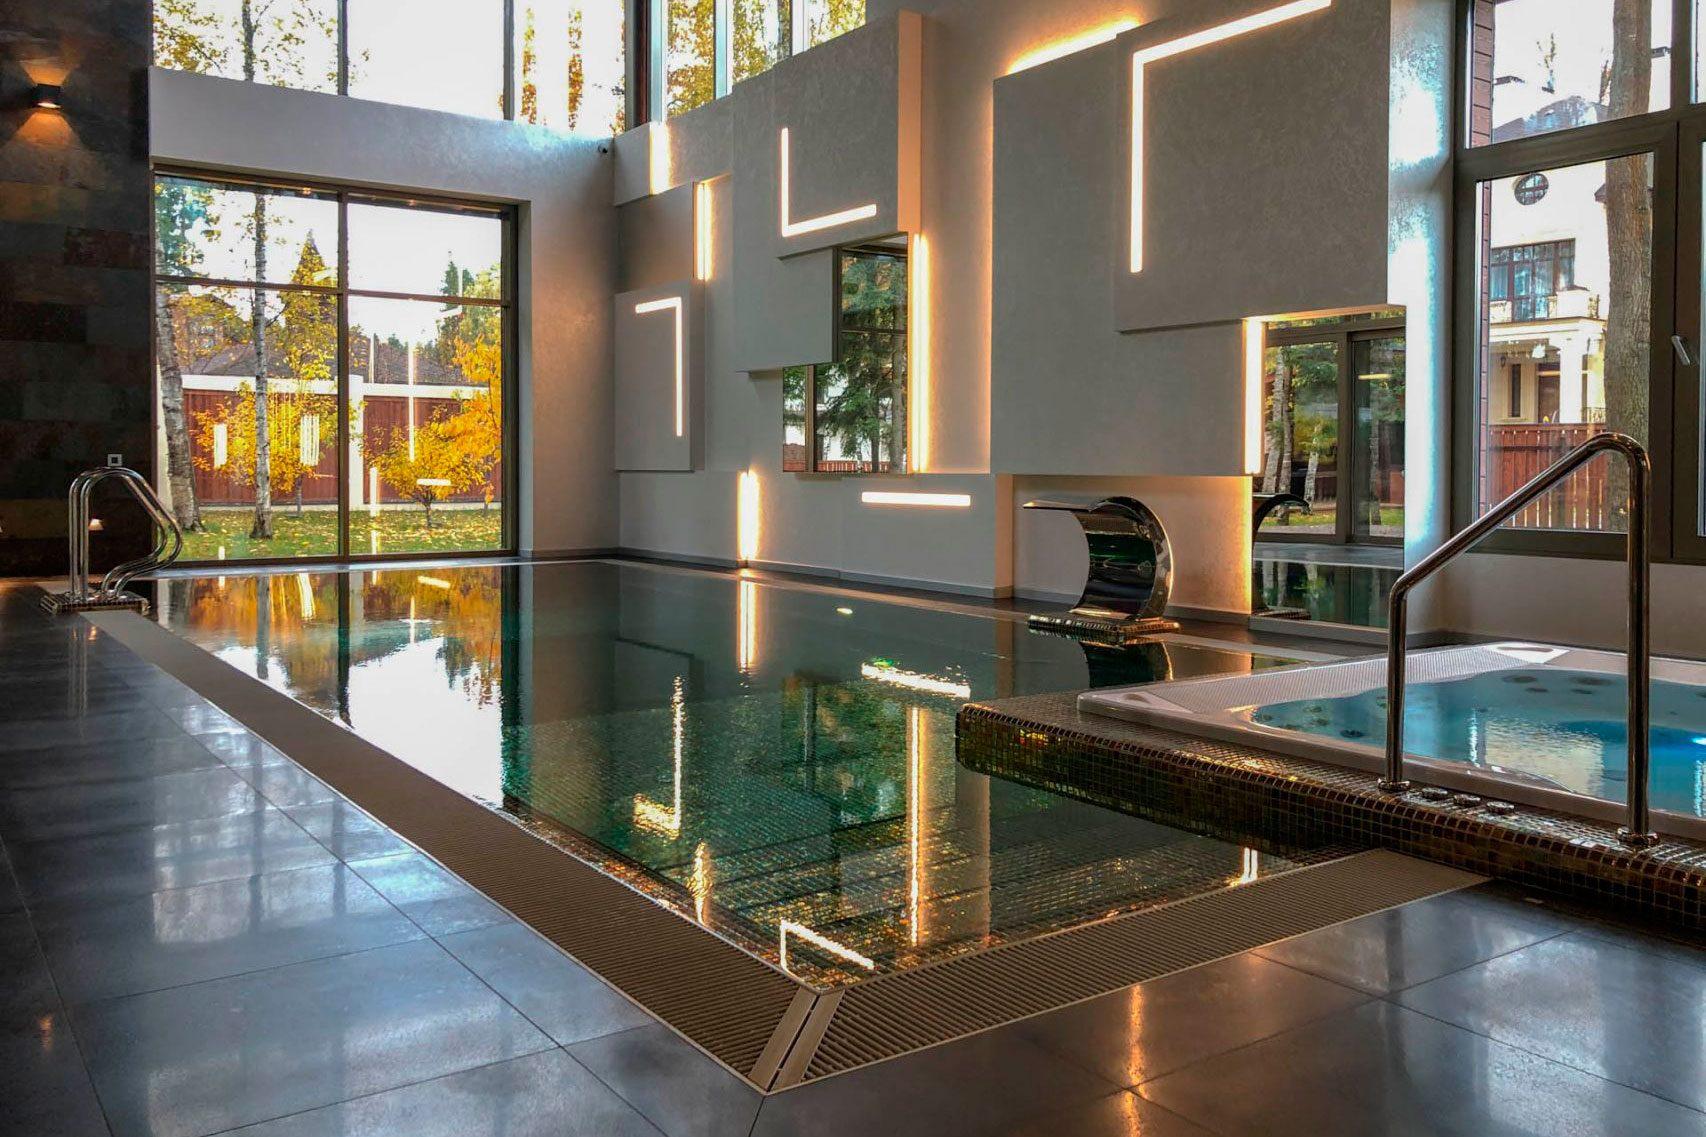 SPA зона в частном доме с бассейном и душем впечатлений Allpools